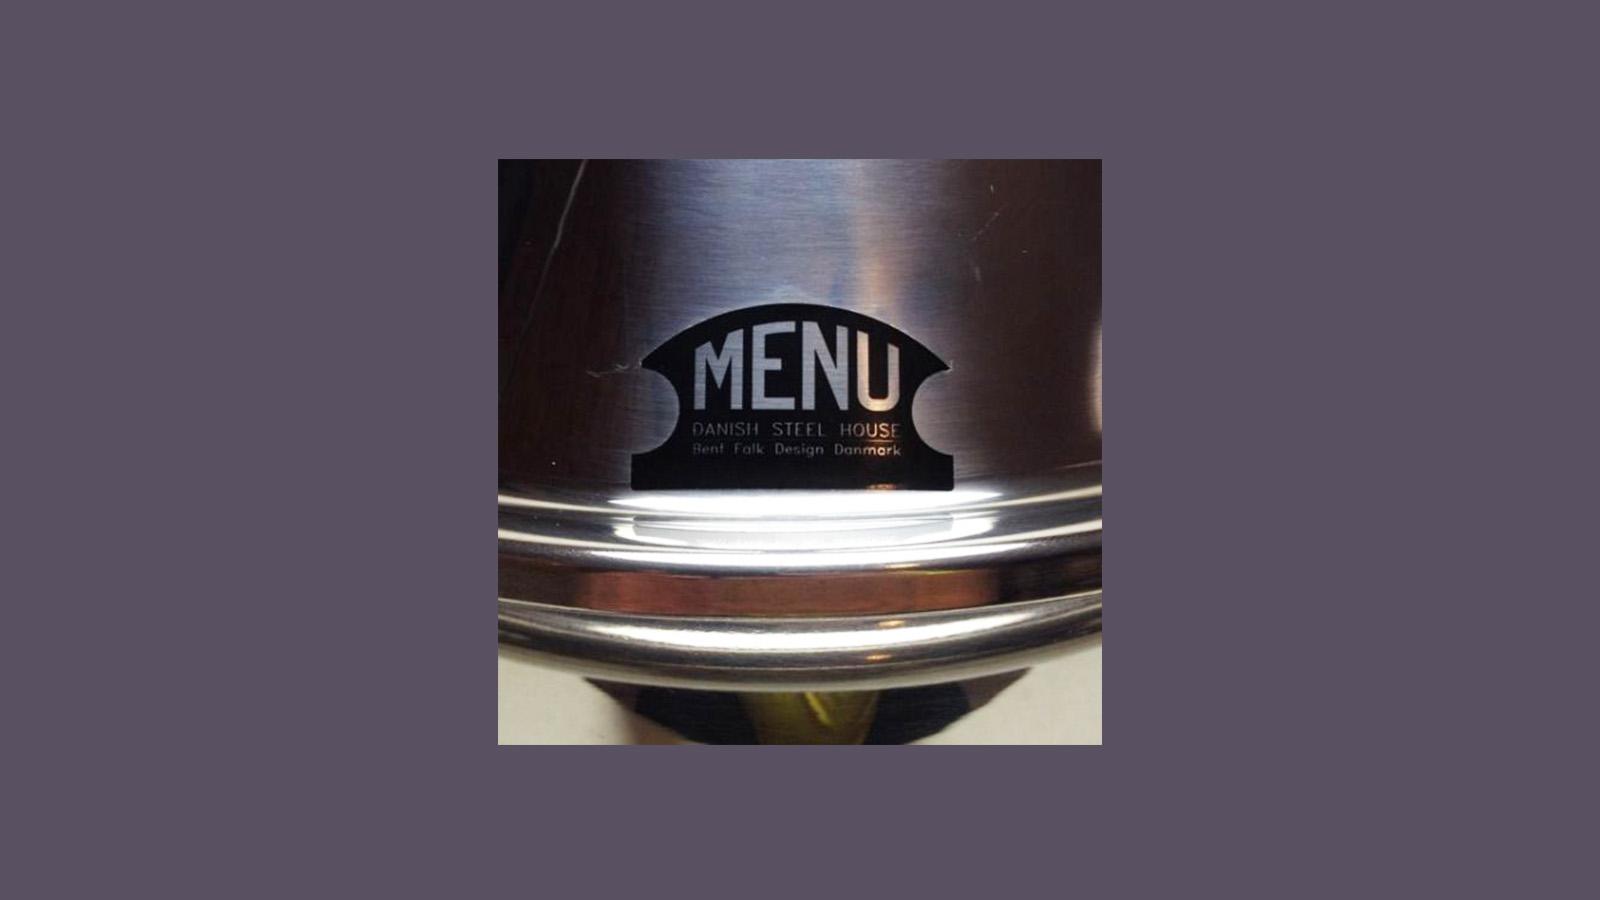 menu_sztori_1